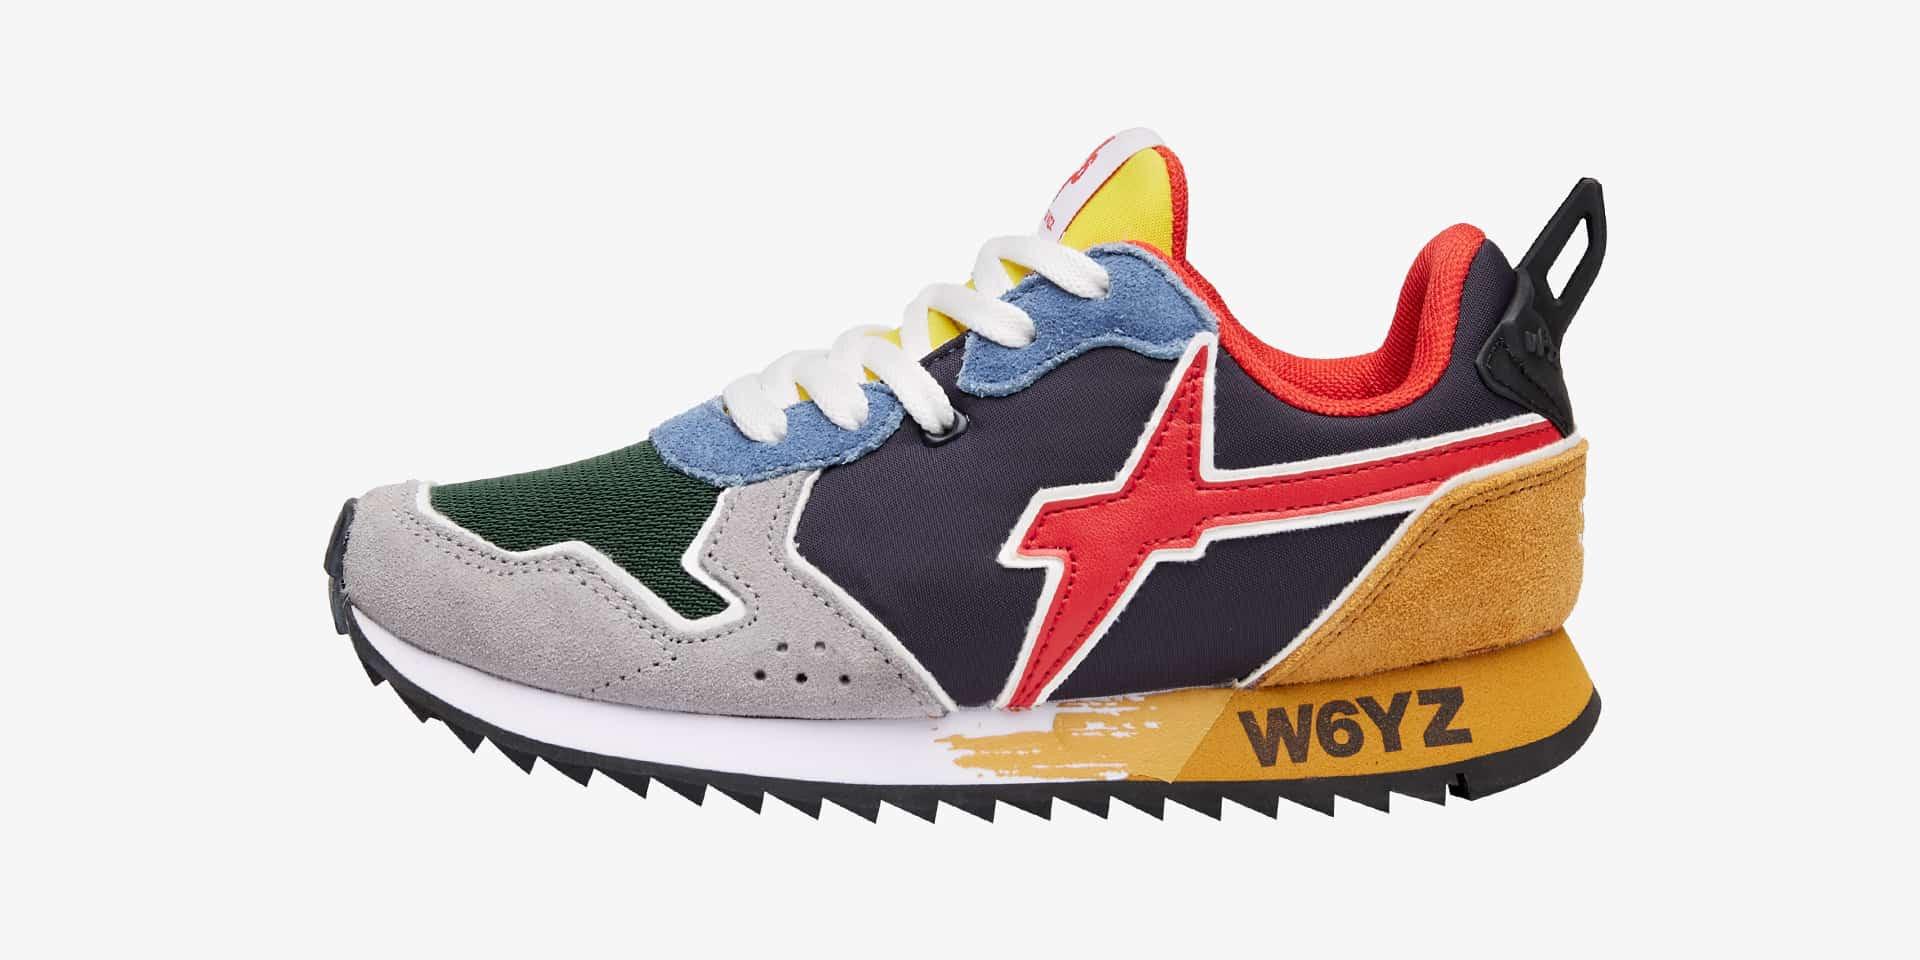 JET-J. - Sneaker in tessuto tecnico e suede - Multicolore